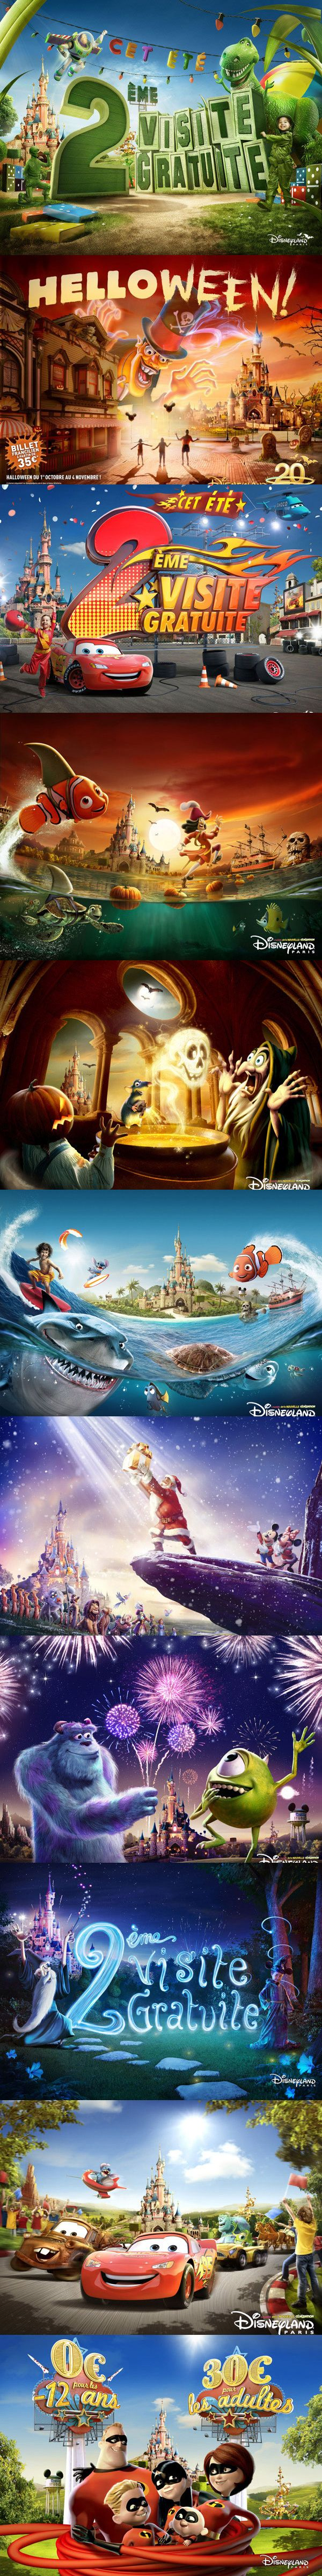 迪士尼广告宣传活动